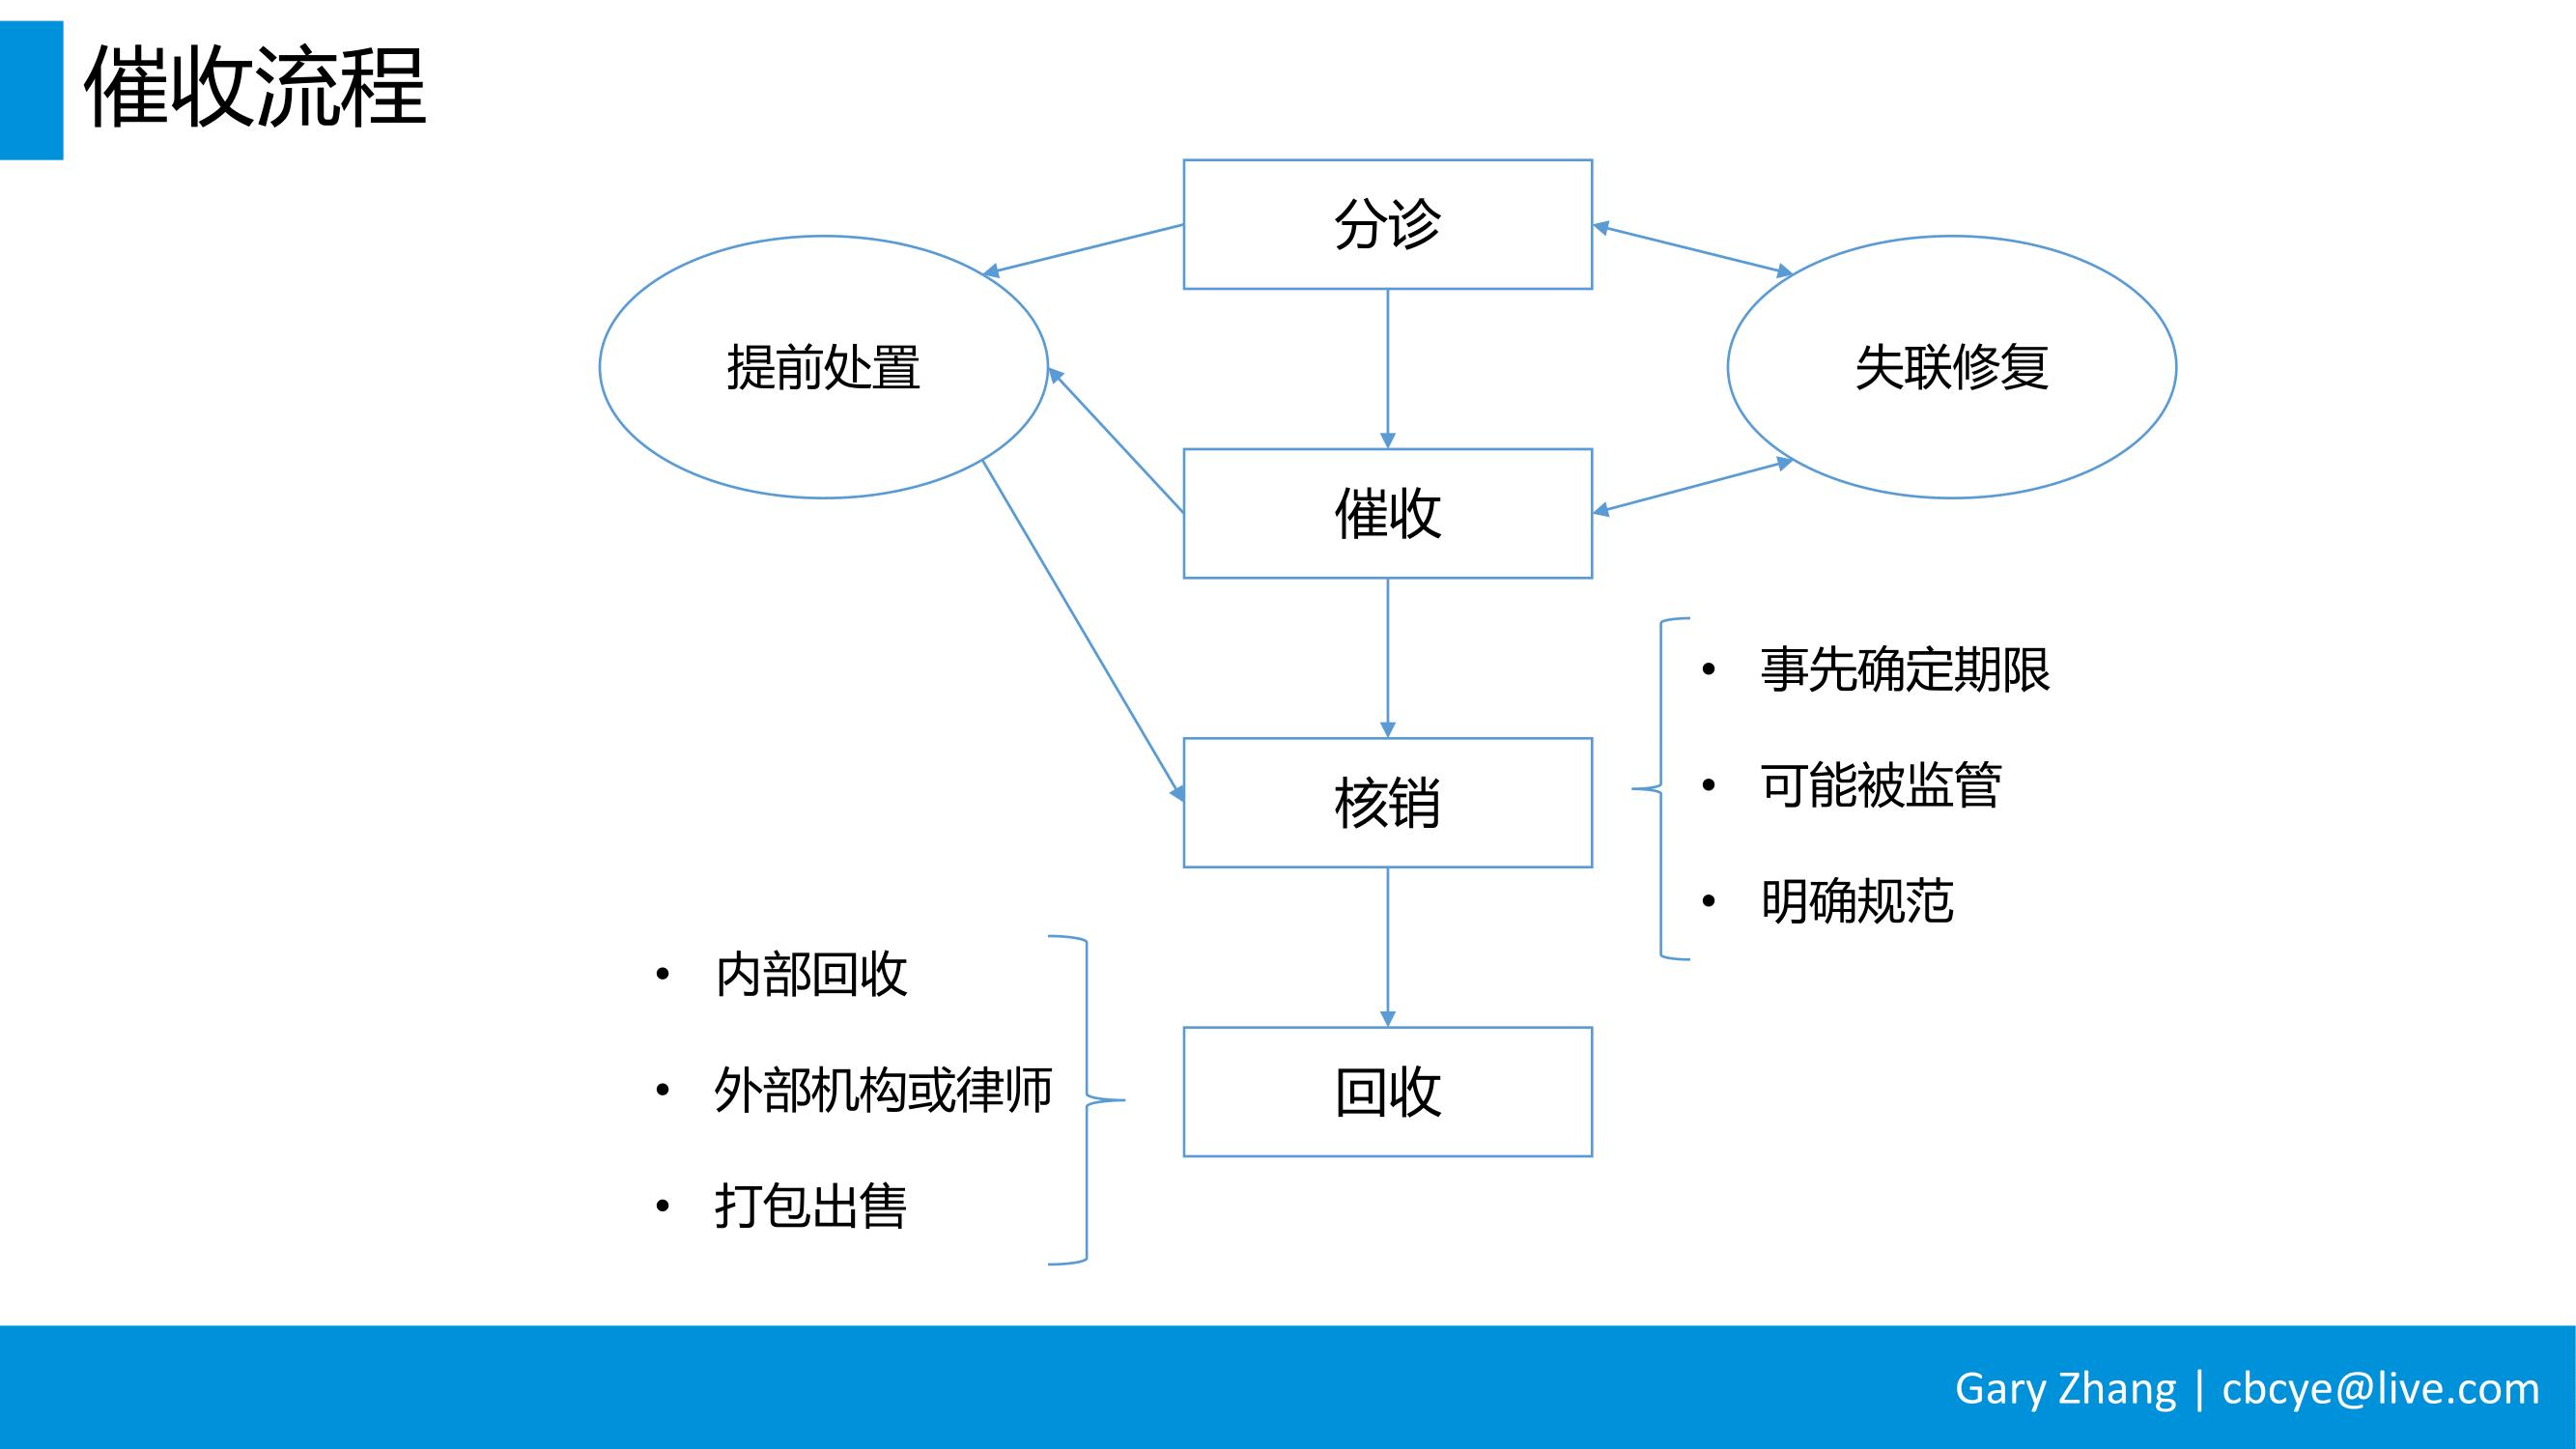 消费金融业务全流程指南_v1.0-054